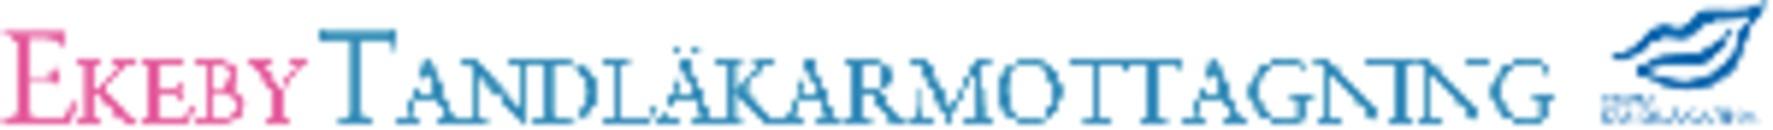 Ekeby Tandläkarmottagning logo